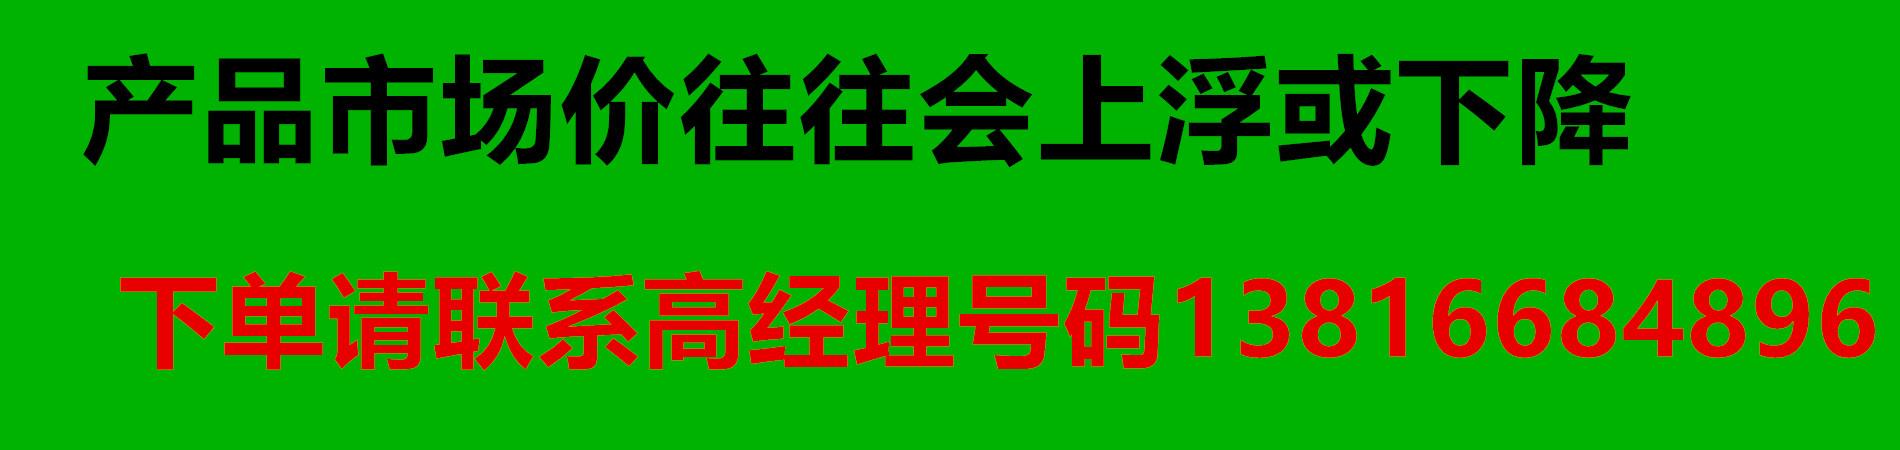 45fca718-e111-4260-89eb-fc1fd36dfa1f_副本.jpg